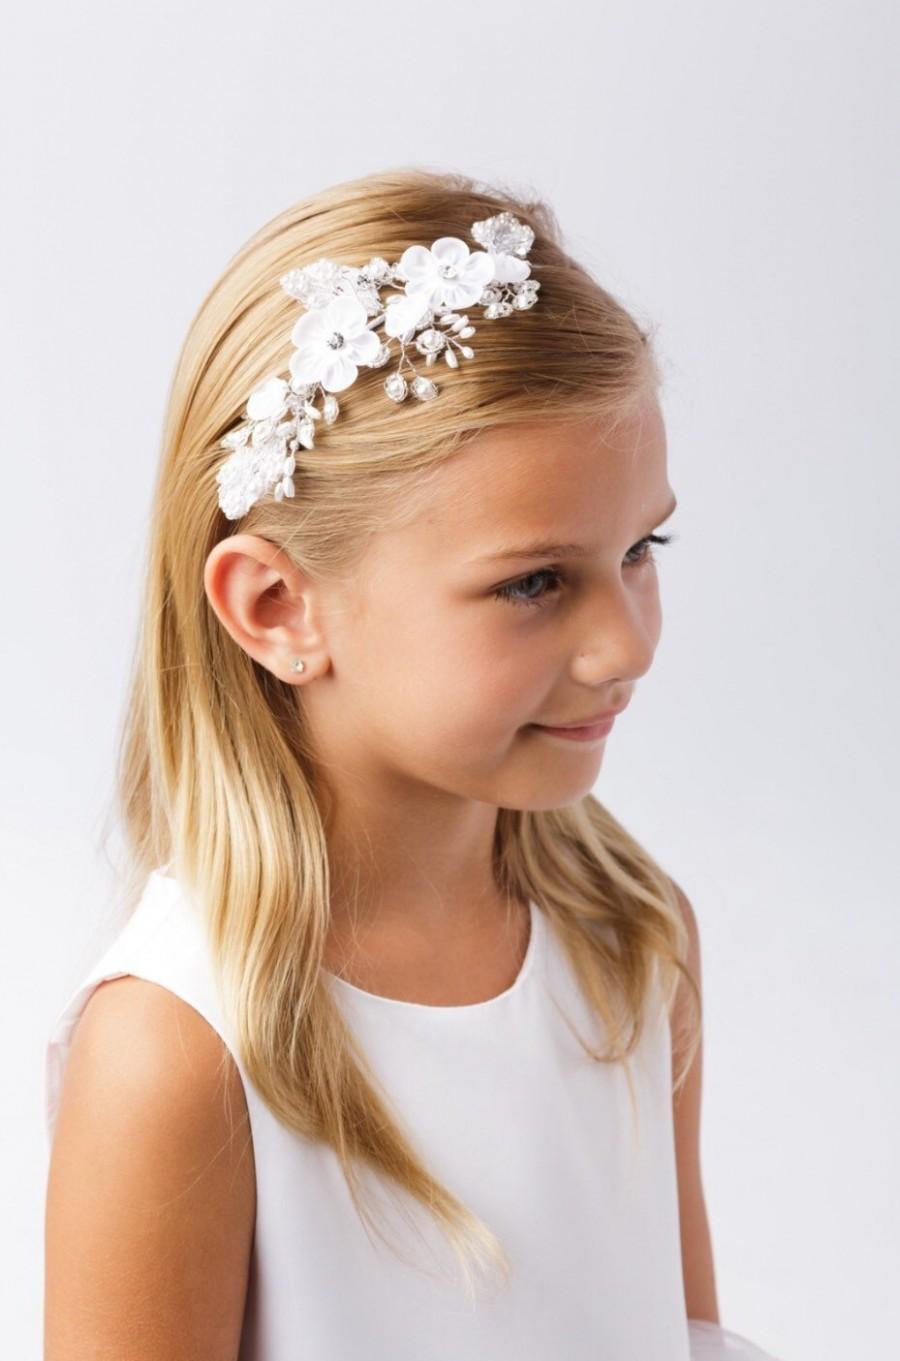 زفاف - Flower girl headband bride hair piece mini bride baptism first communion hairpiece accessory flower crown white classic simple